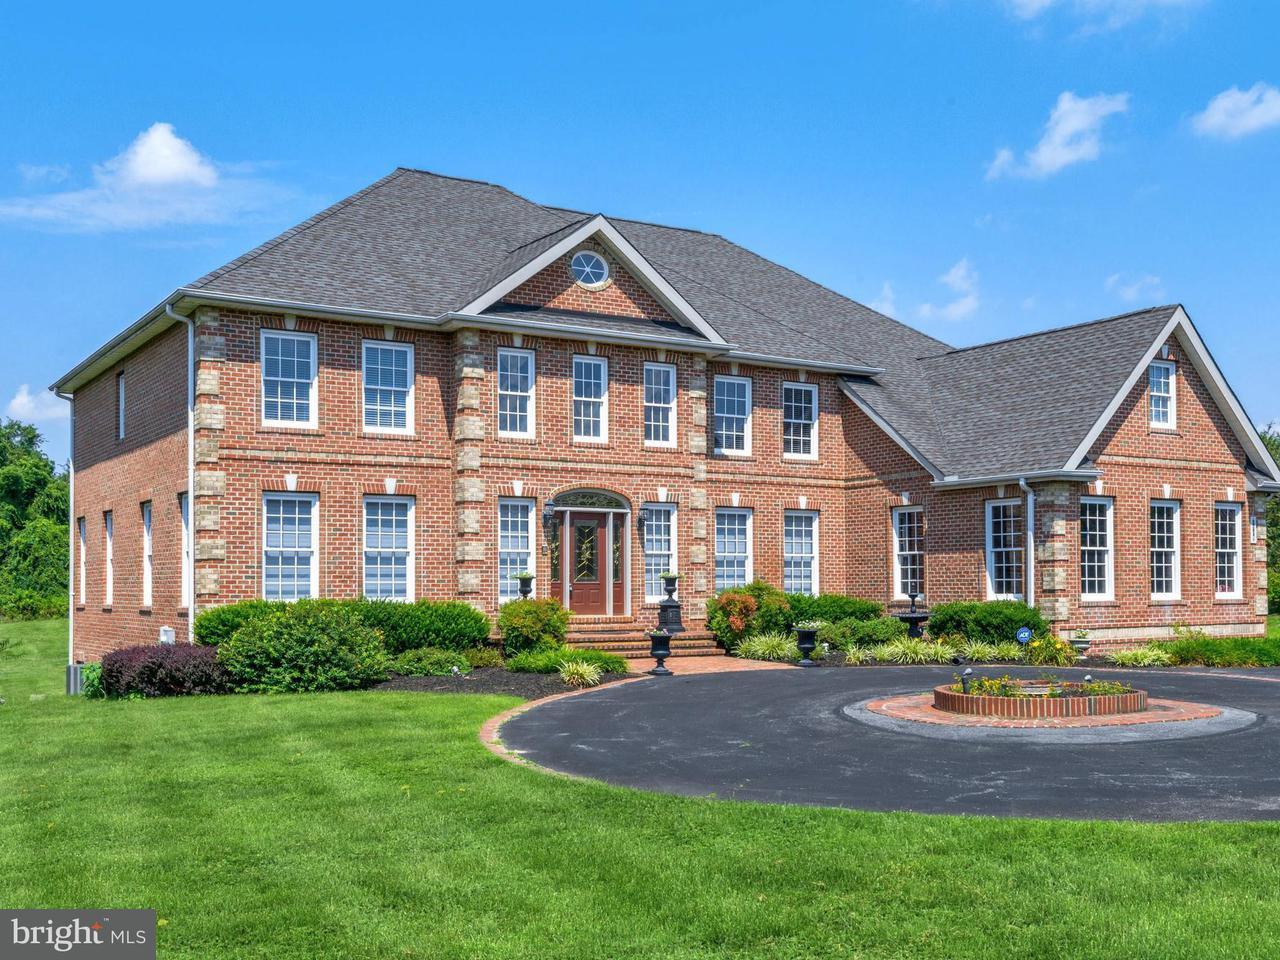 Maison unifamiliale pour l Vente à 1119 THOMAS SWANN Lane 1119 THOMAS SWANN Lane Davidsonville, Maryland 21035 États-Unis